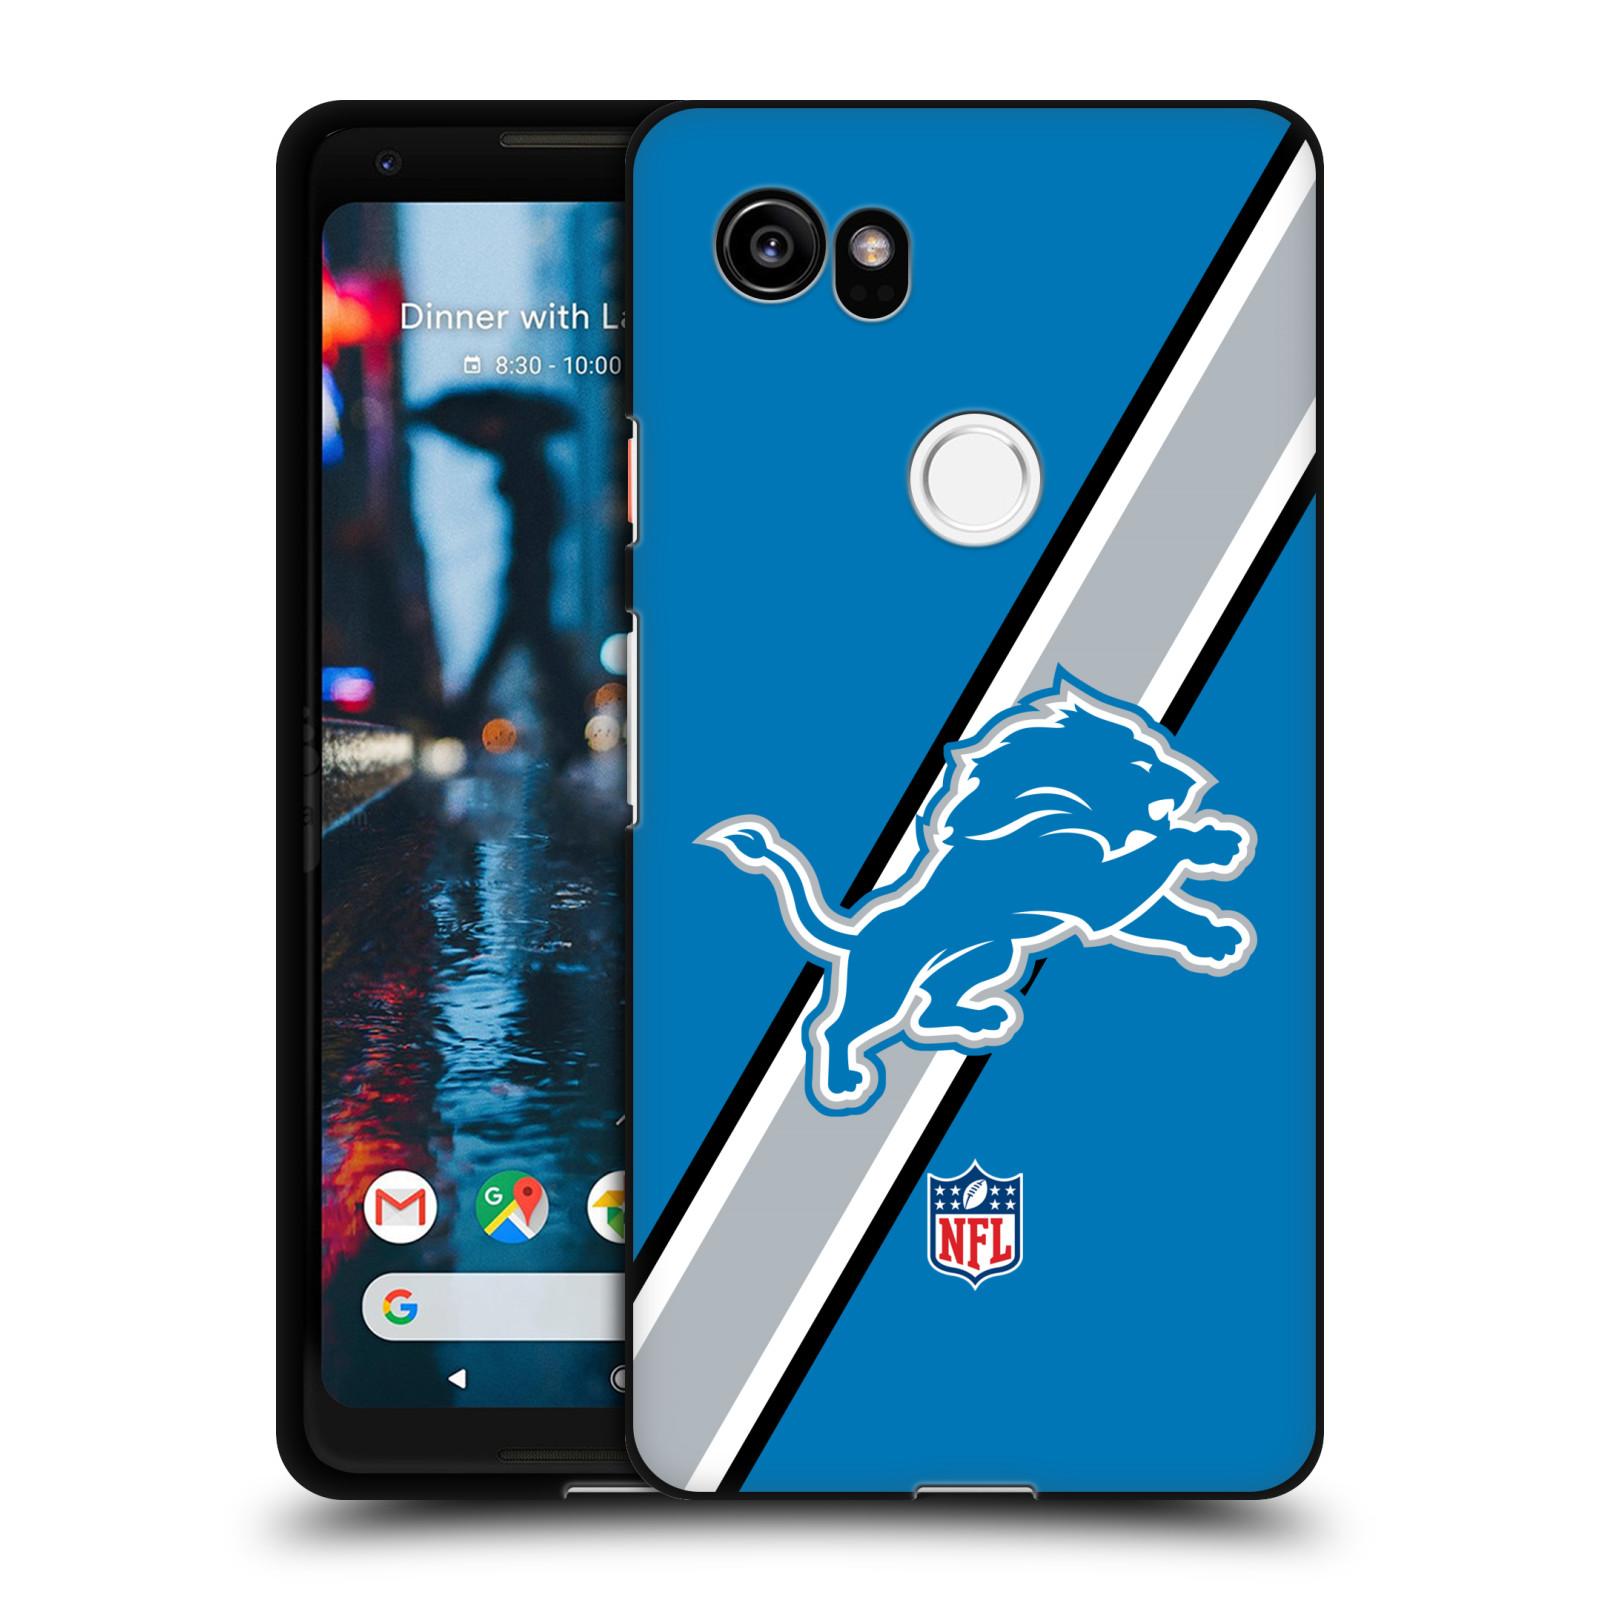 OFFICIAL-NFL-DETROIT-LIONS-LOGO-BLACK-SOFT-GEL-CASE-FOR-GOOGLE-PHONES